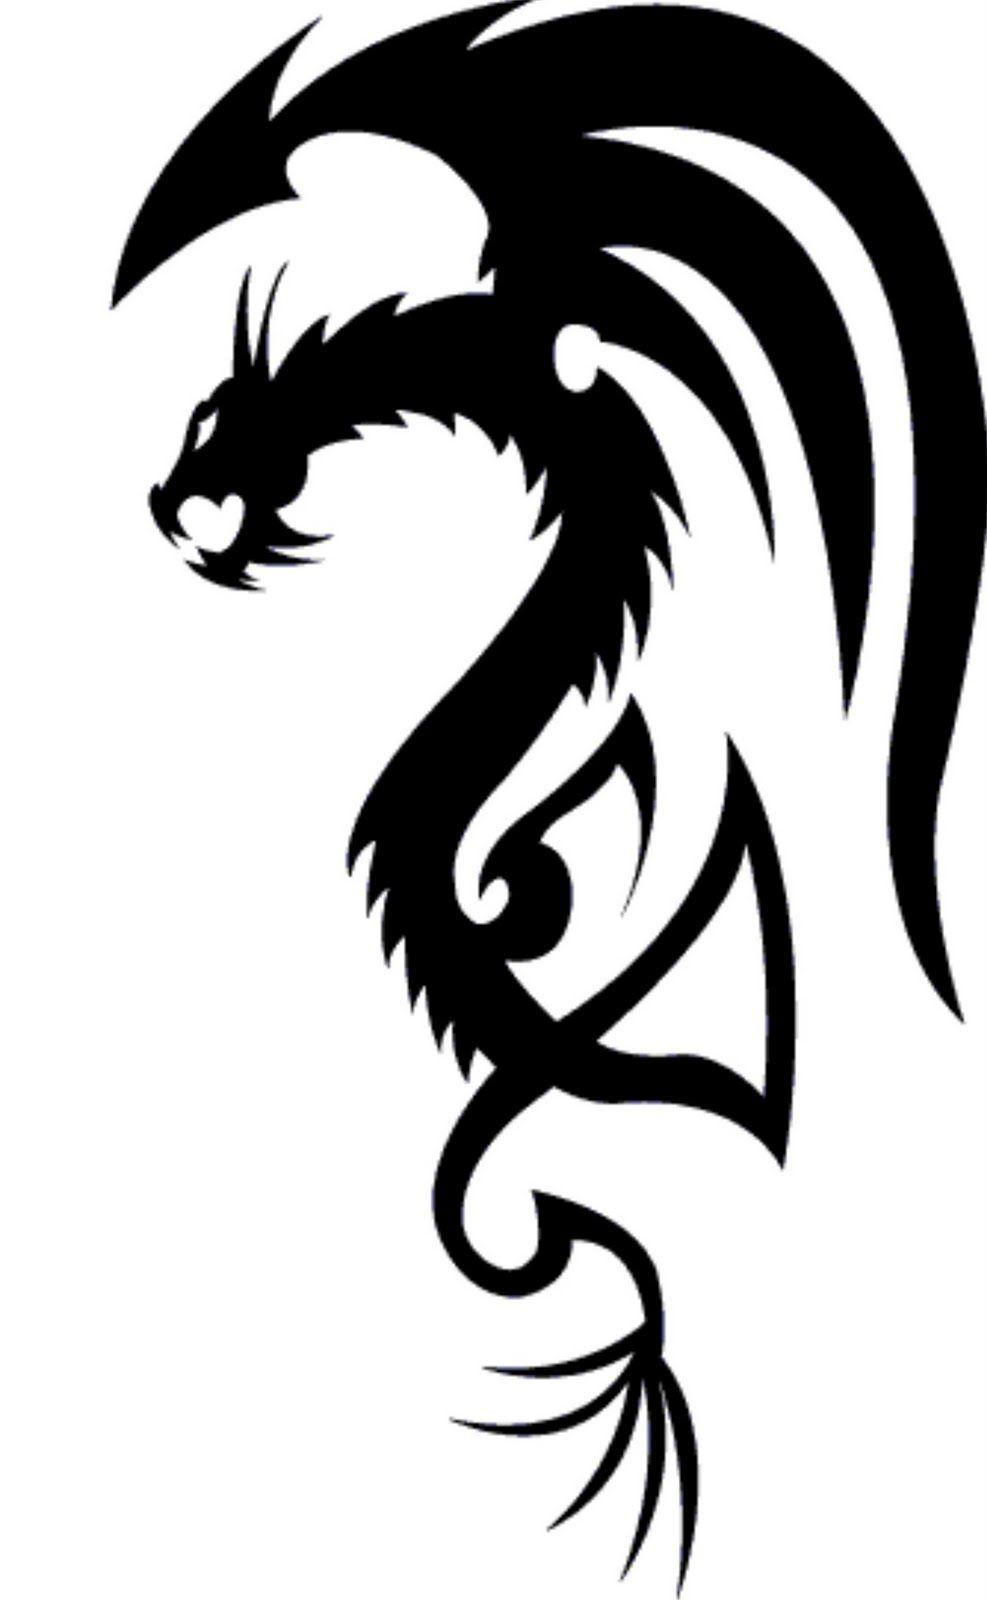 Tribal Dragon Tattoo Design 1 Dragon Tattoo Designs Dragon Tattoo Images Dragon Tattoo